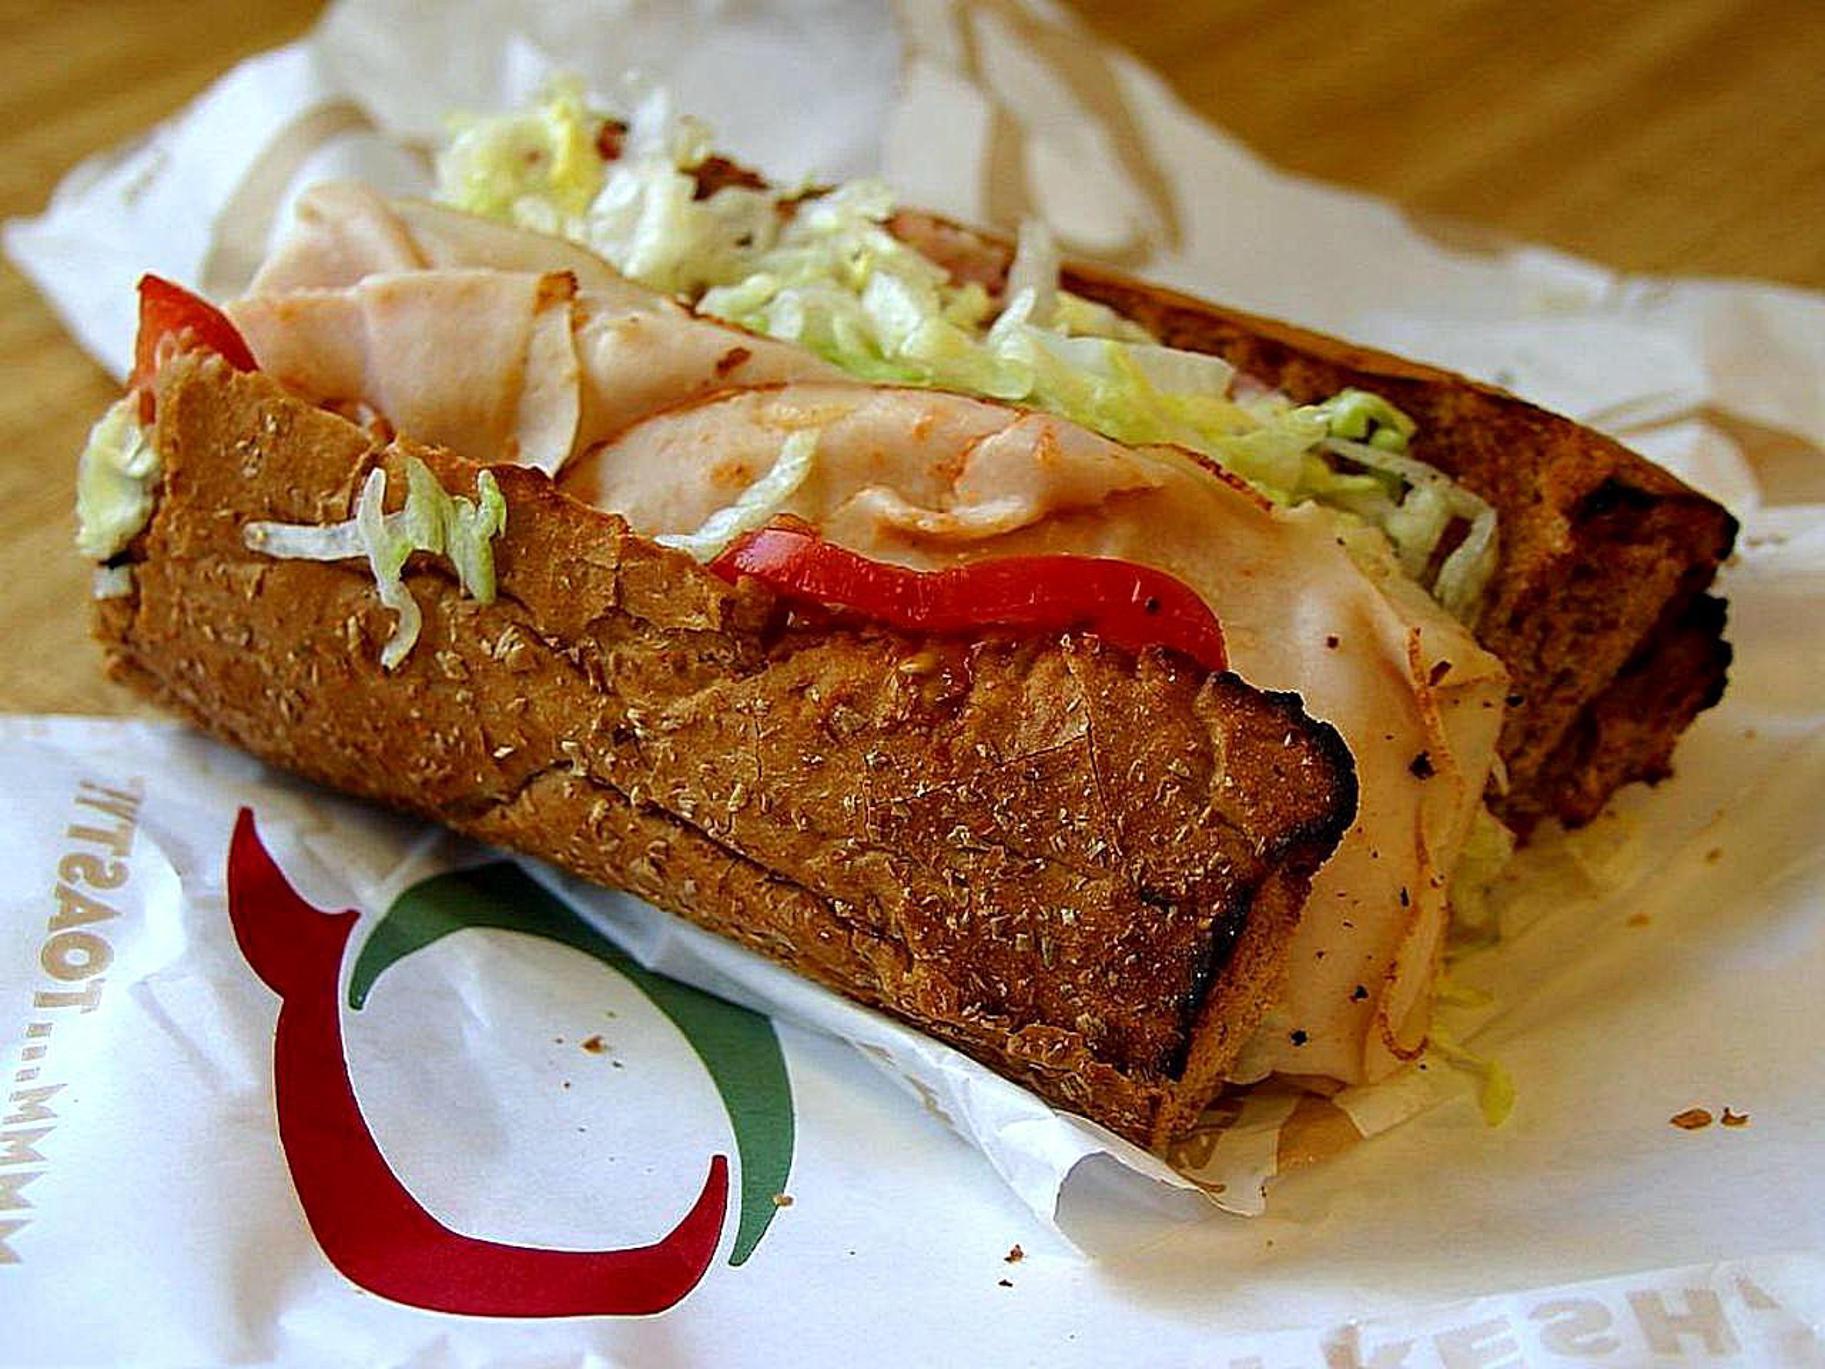 Quiznos sub sandwich